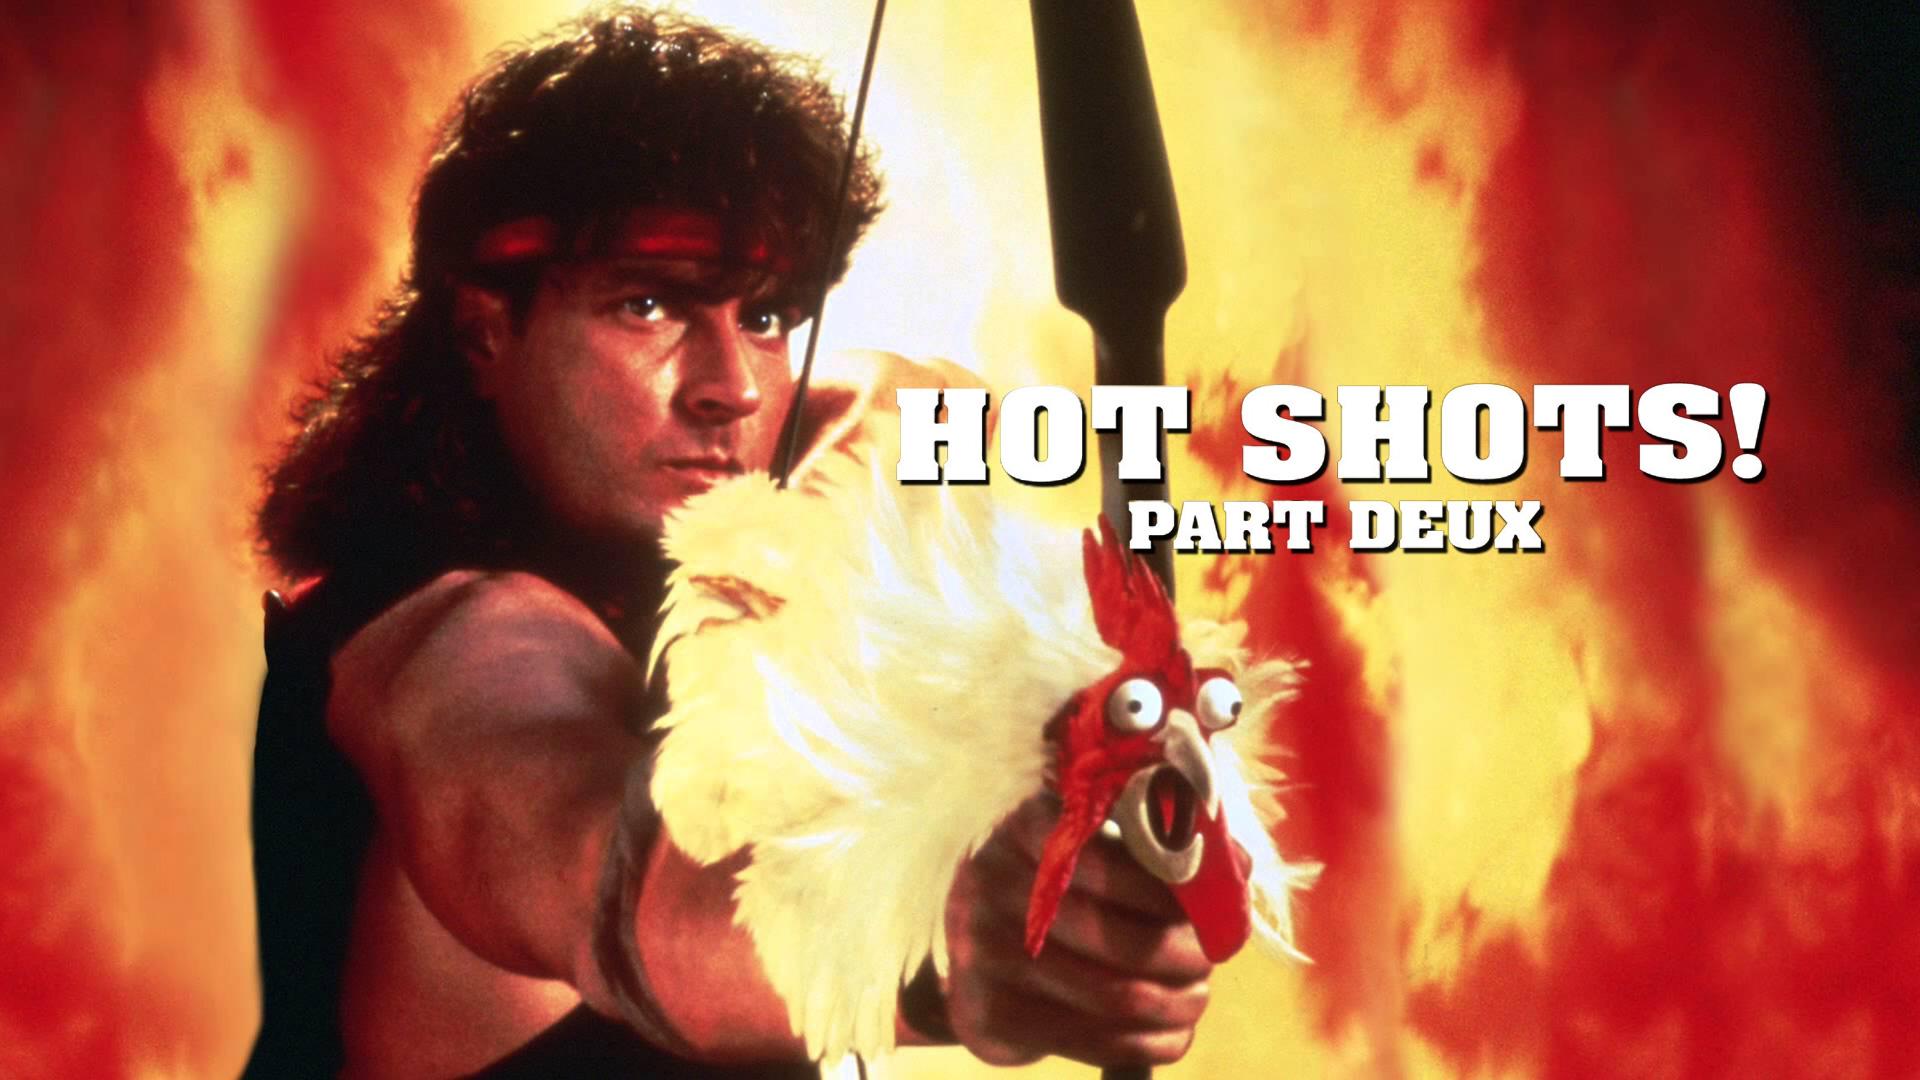 Hot Shots, Part Deux!